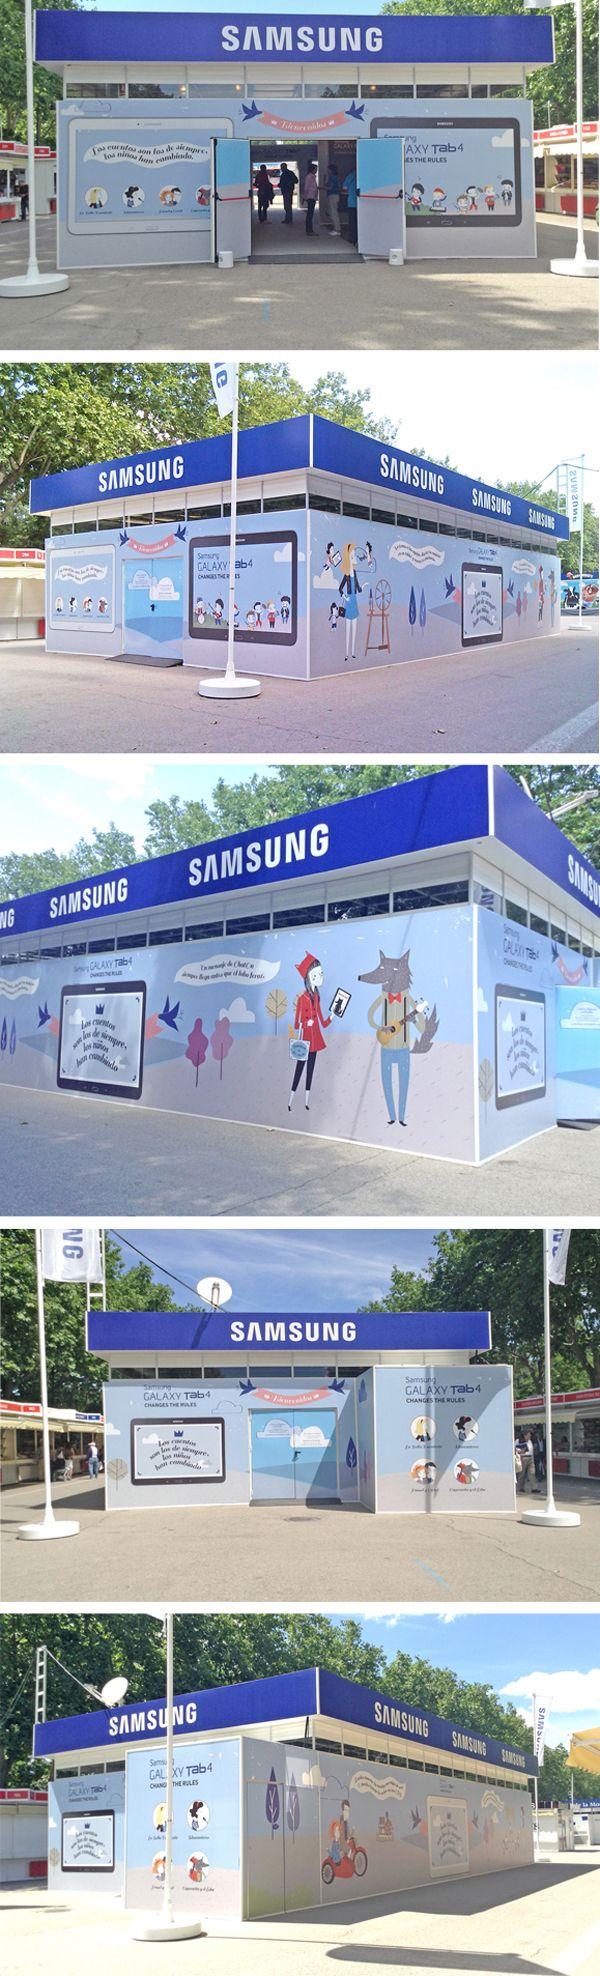 Ilustraciones de Nuria Díaz para el Stand de Samsung Feria de libro de Madrid 2014